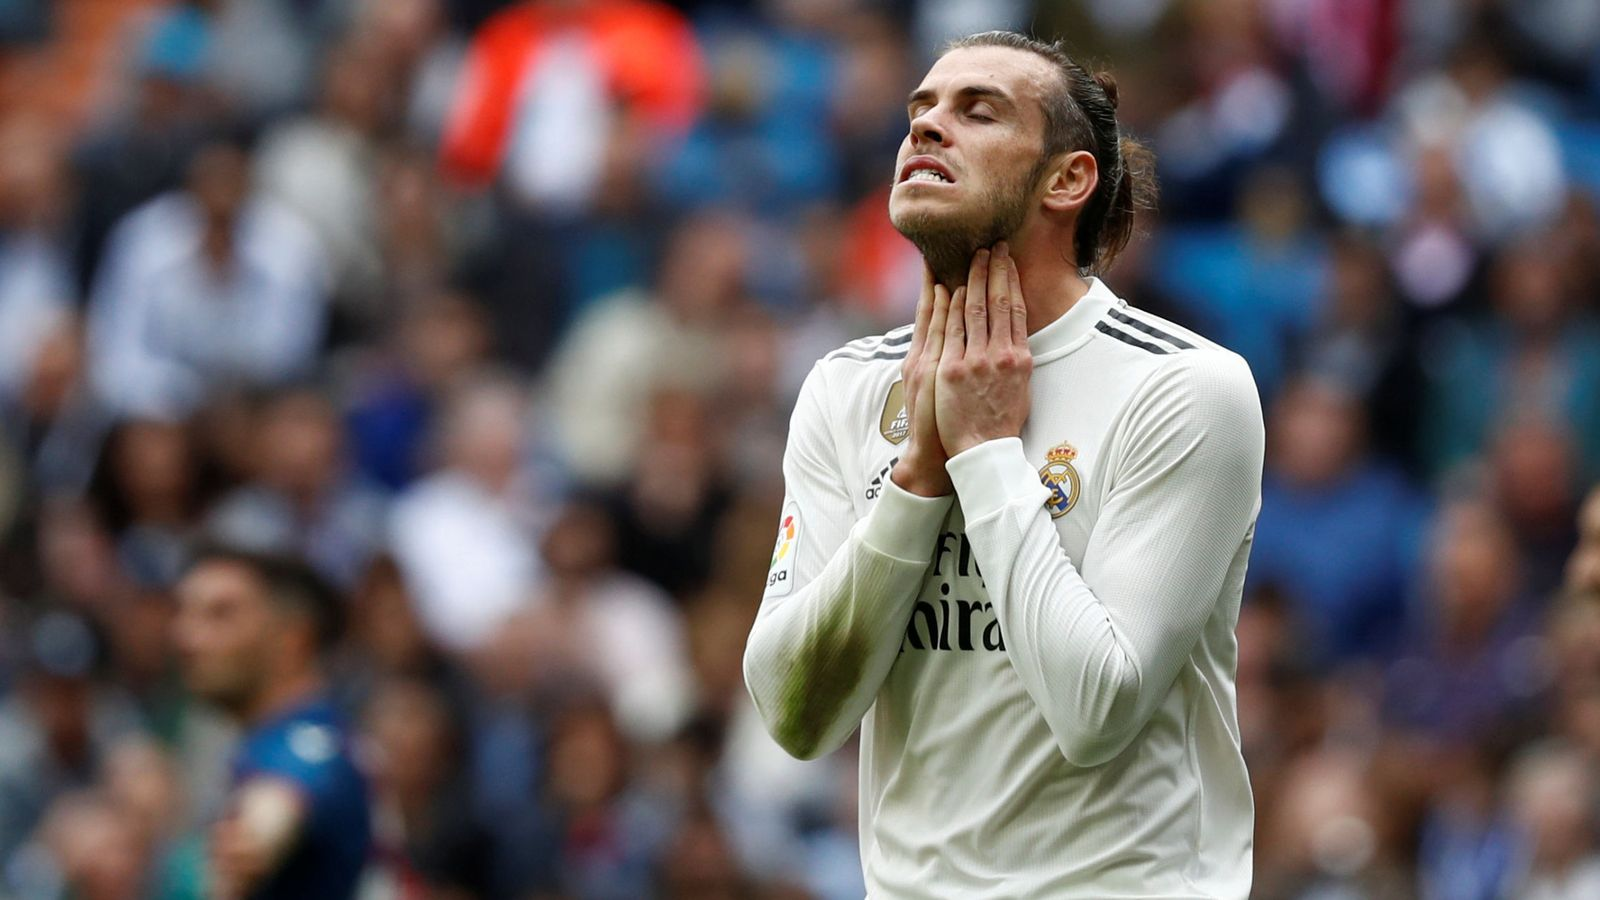 Foto: Gareth Bale durante el partido entre el Real Madrid y el Levante en el Bernabéu (Efe)